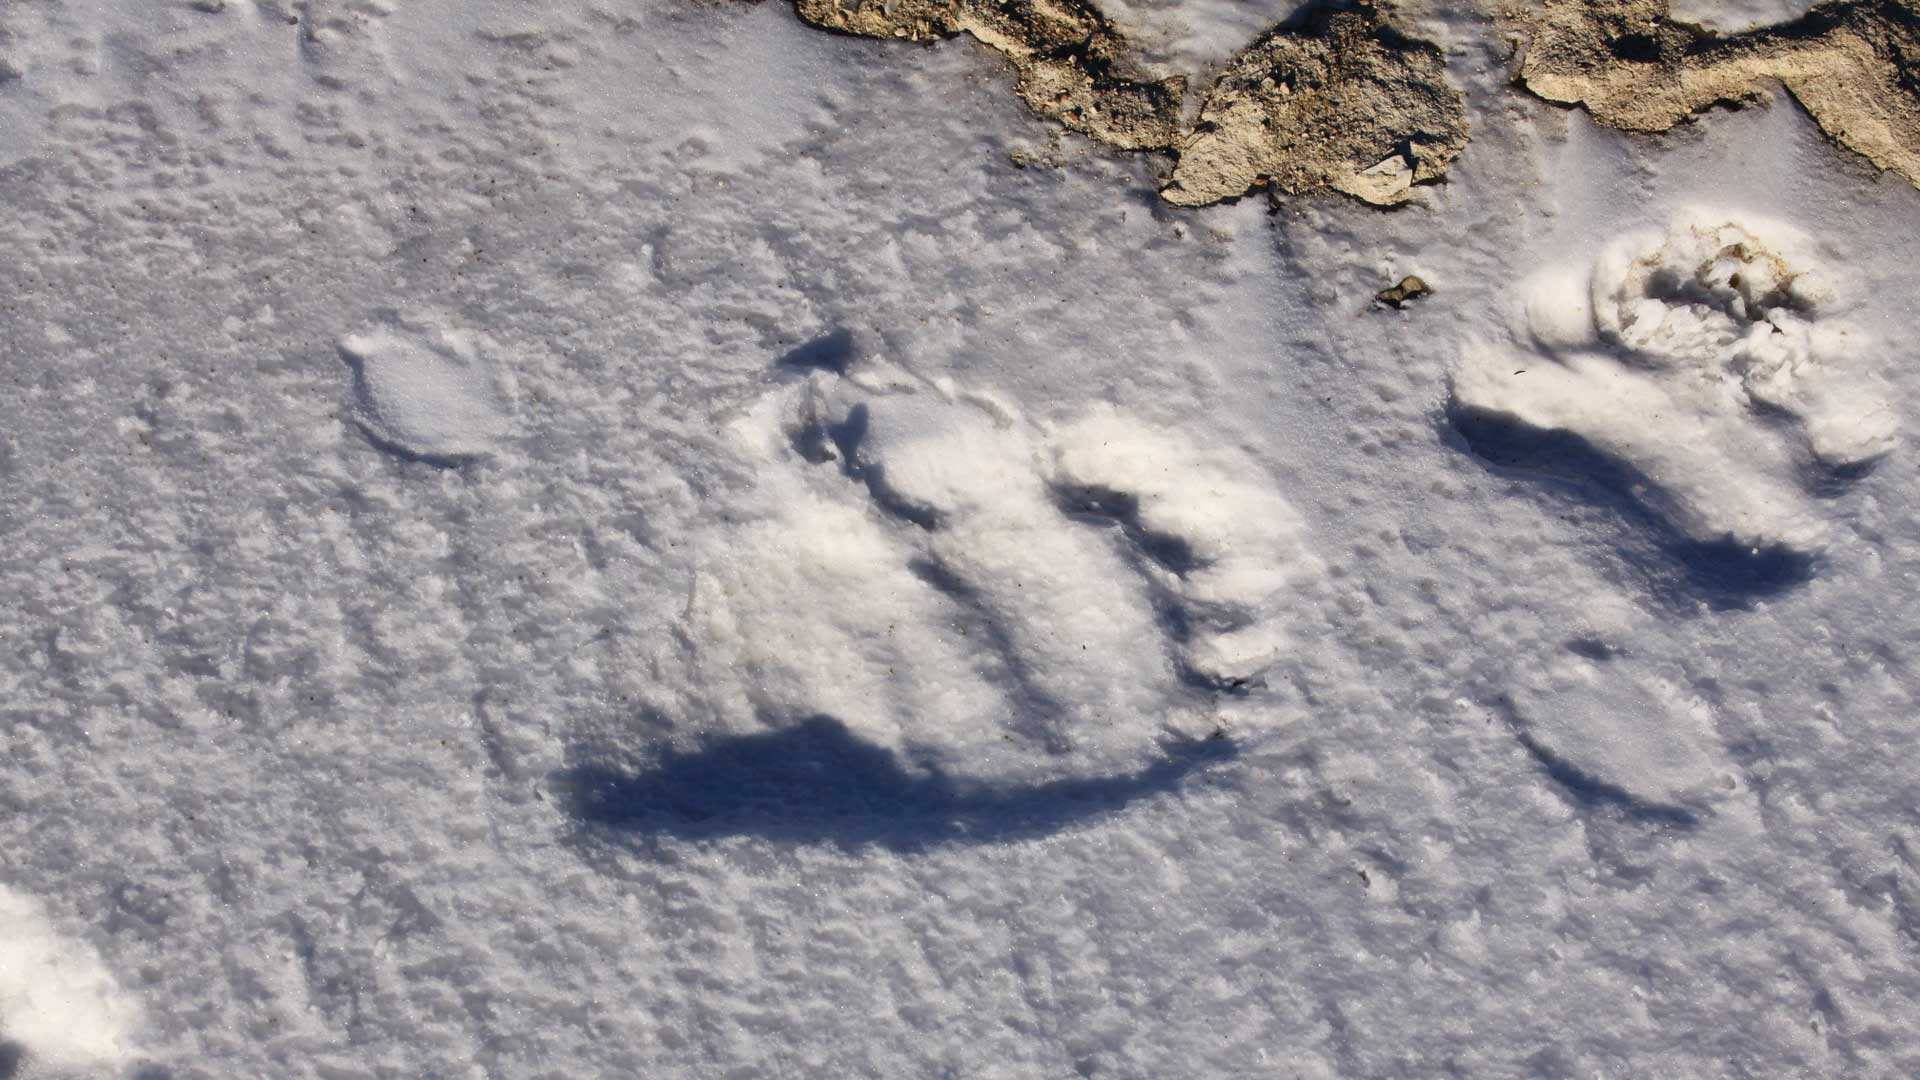 Den Eisbären auf der Spur. © Melanie Gömmel / WWF